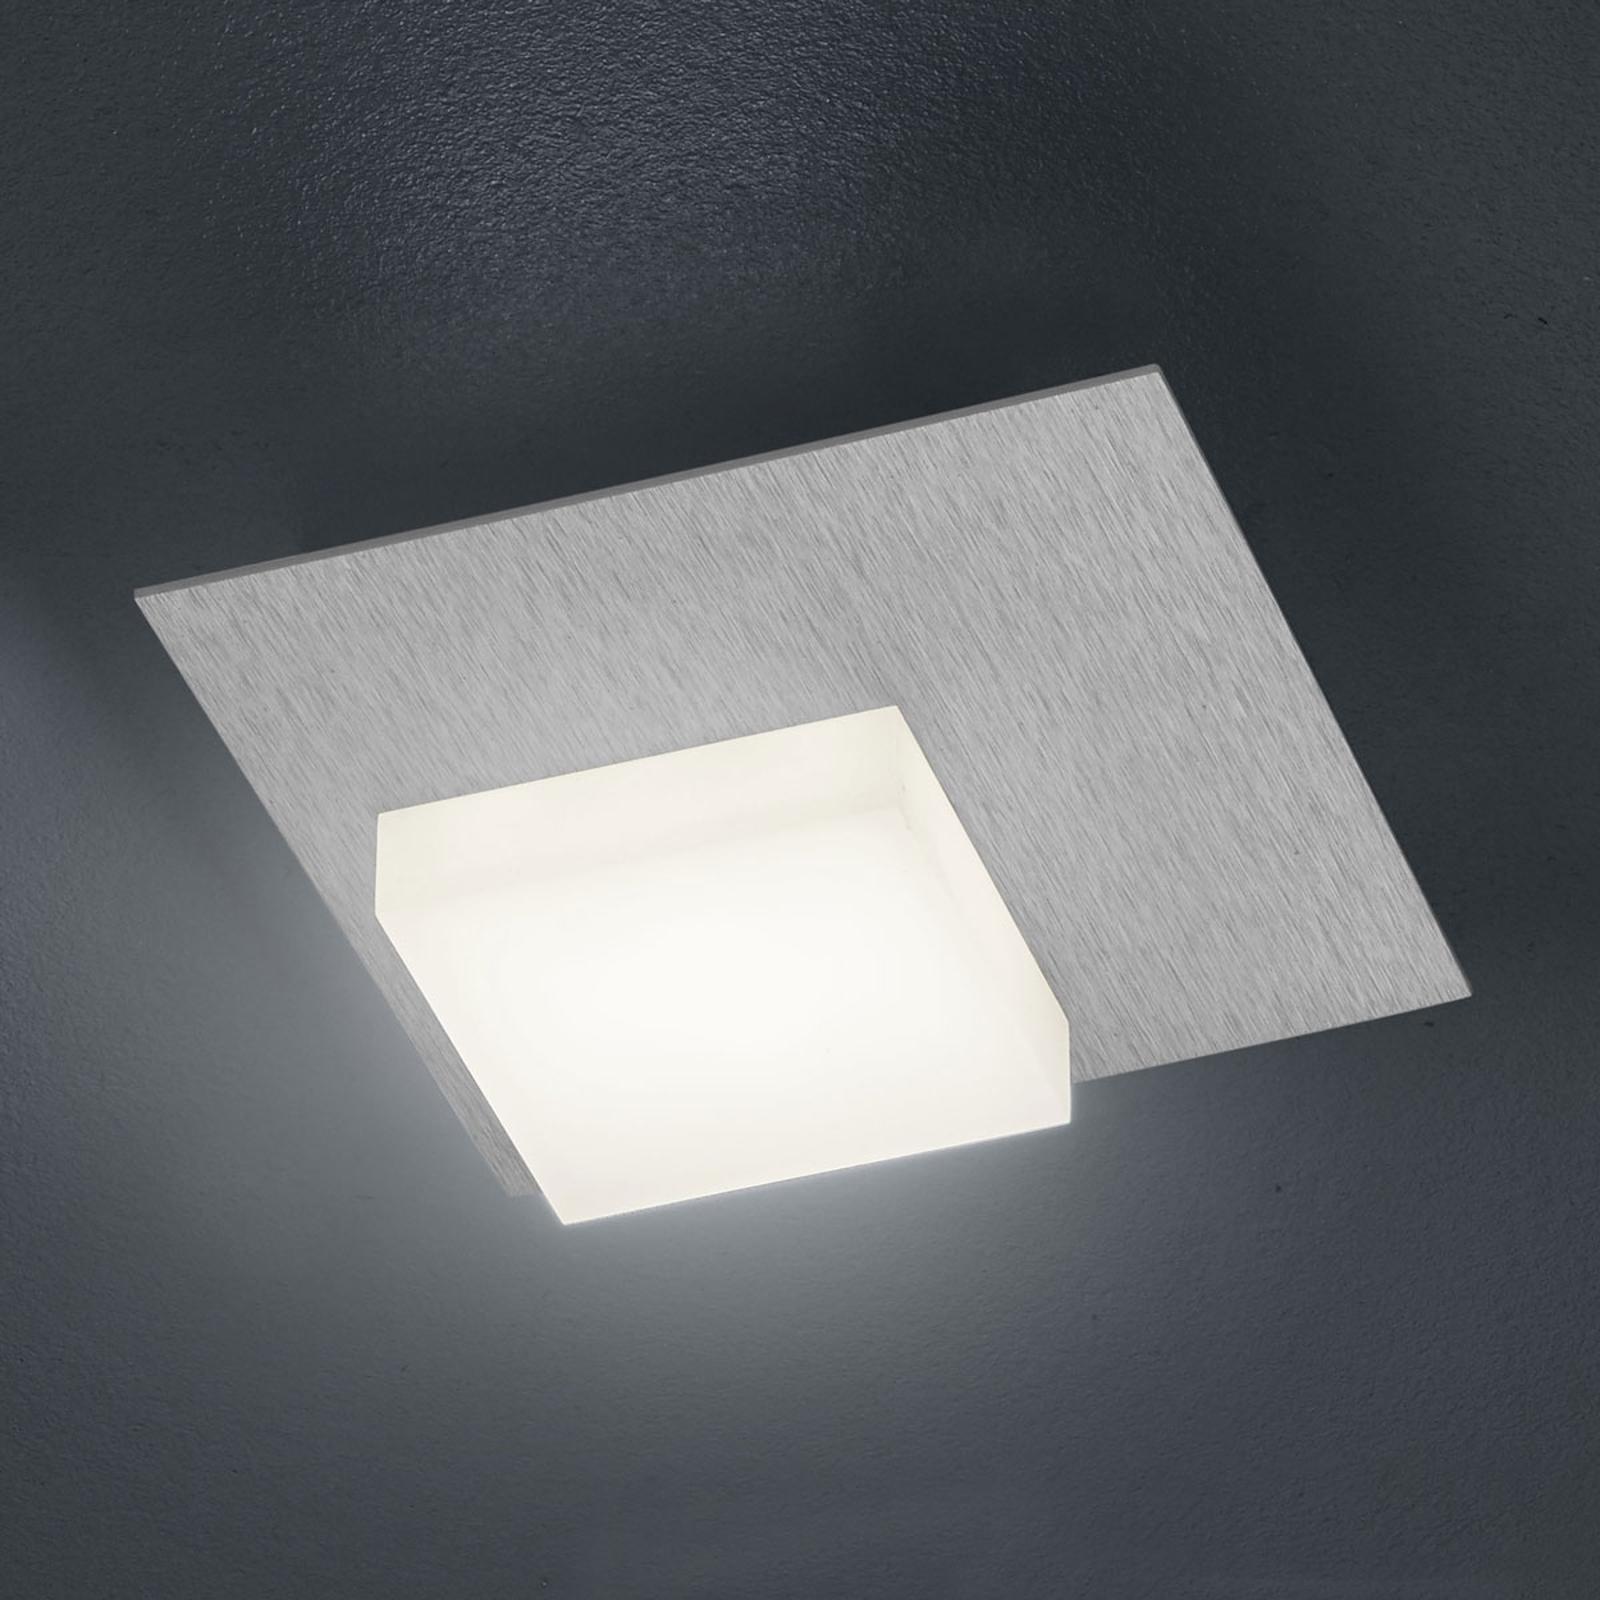 BANKAMP Cube plafonnier LED 8W, argenté